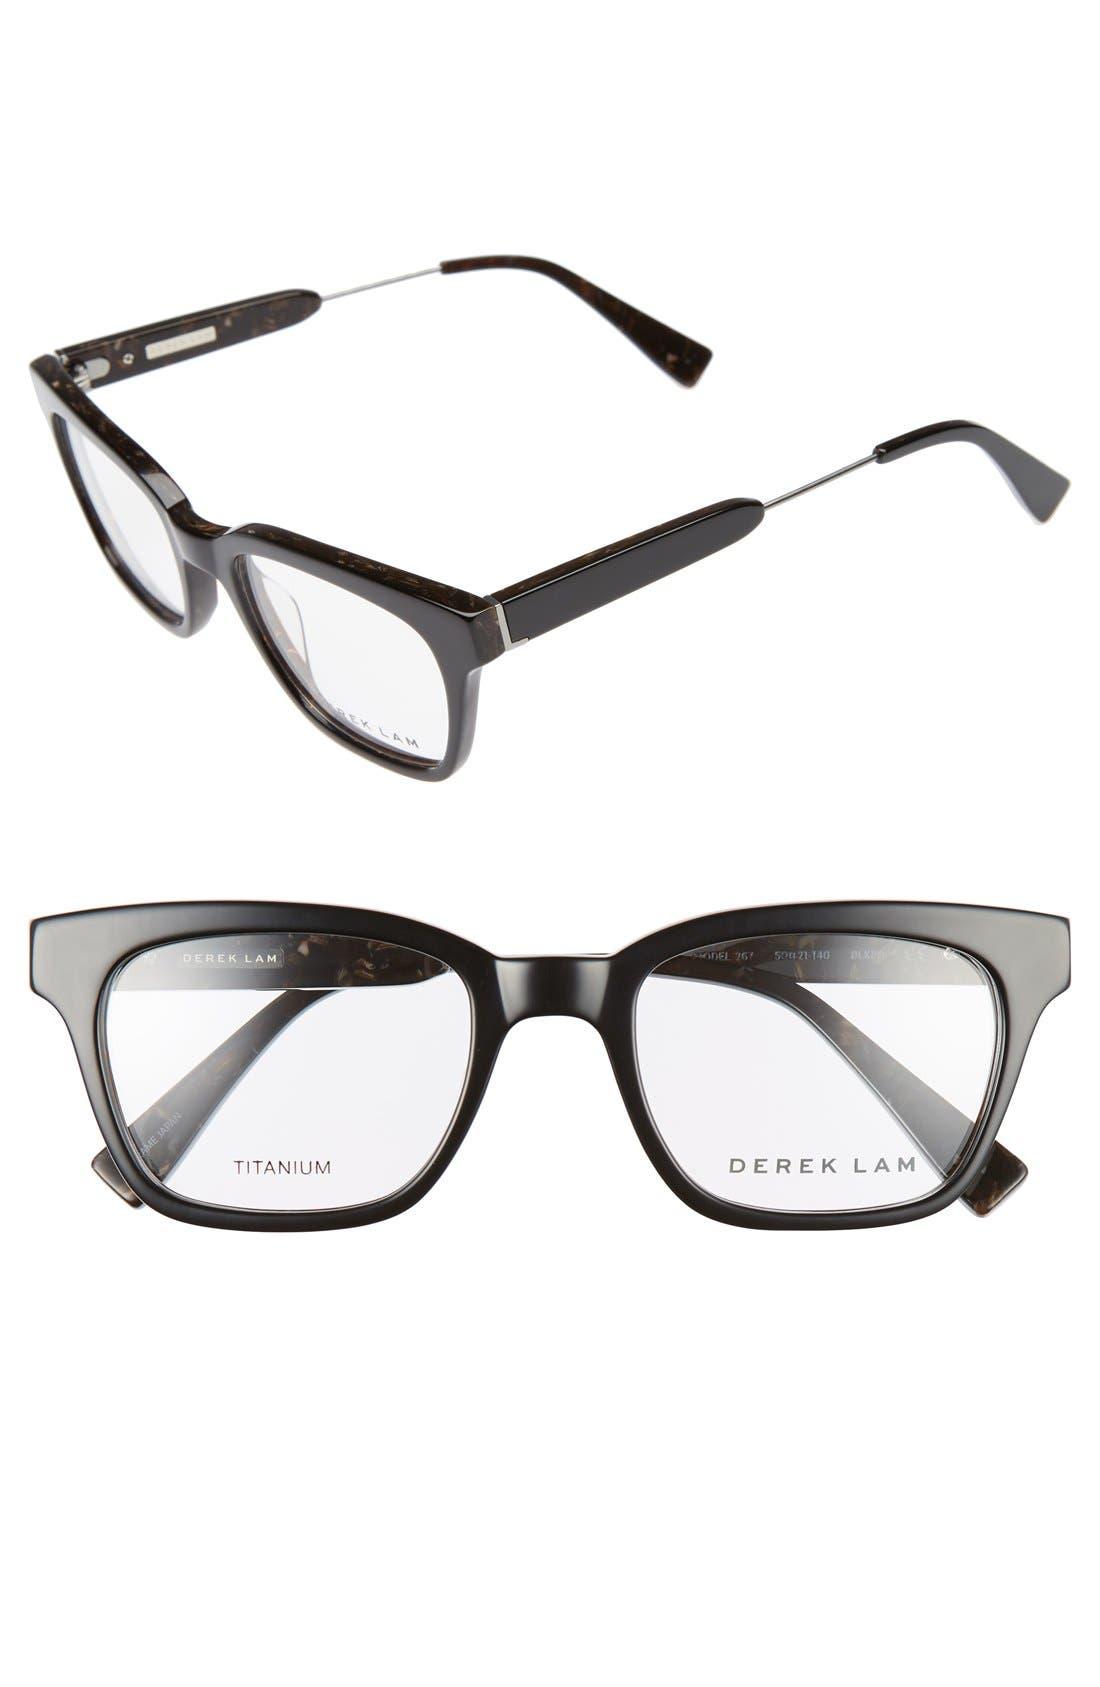 Derek Lam 50mm Glasses